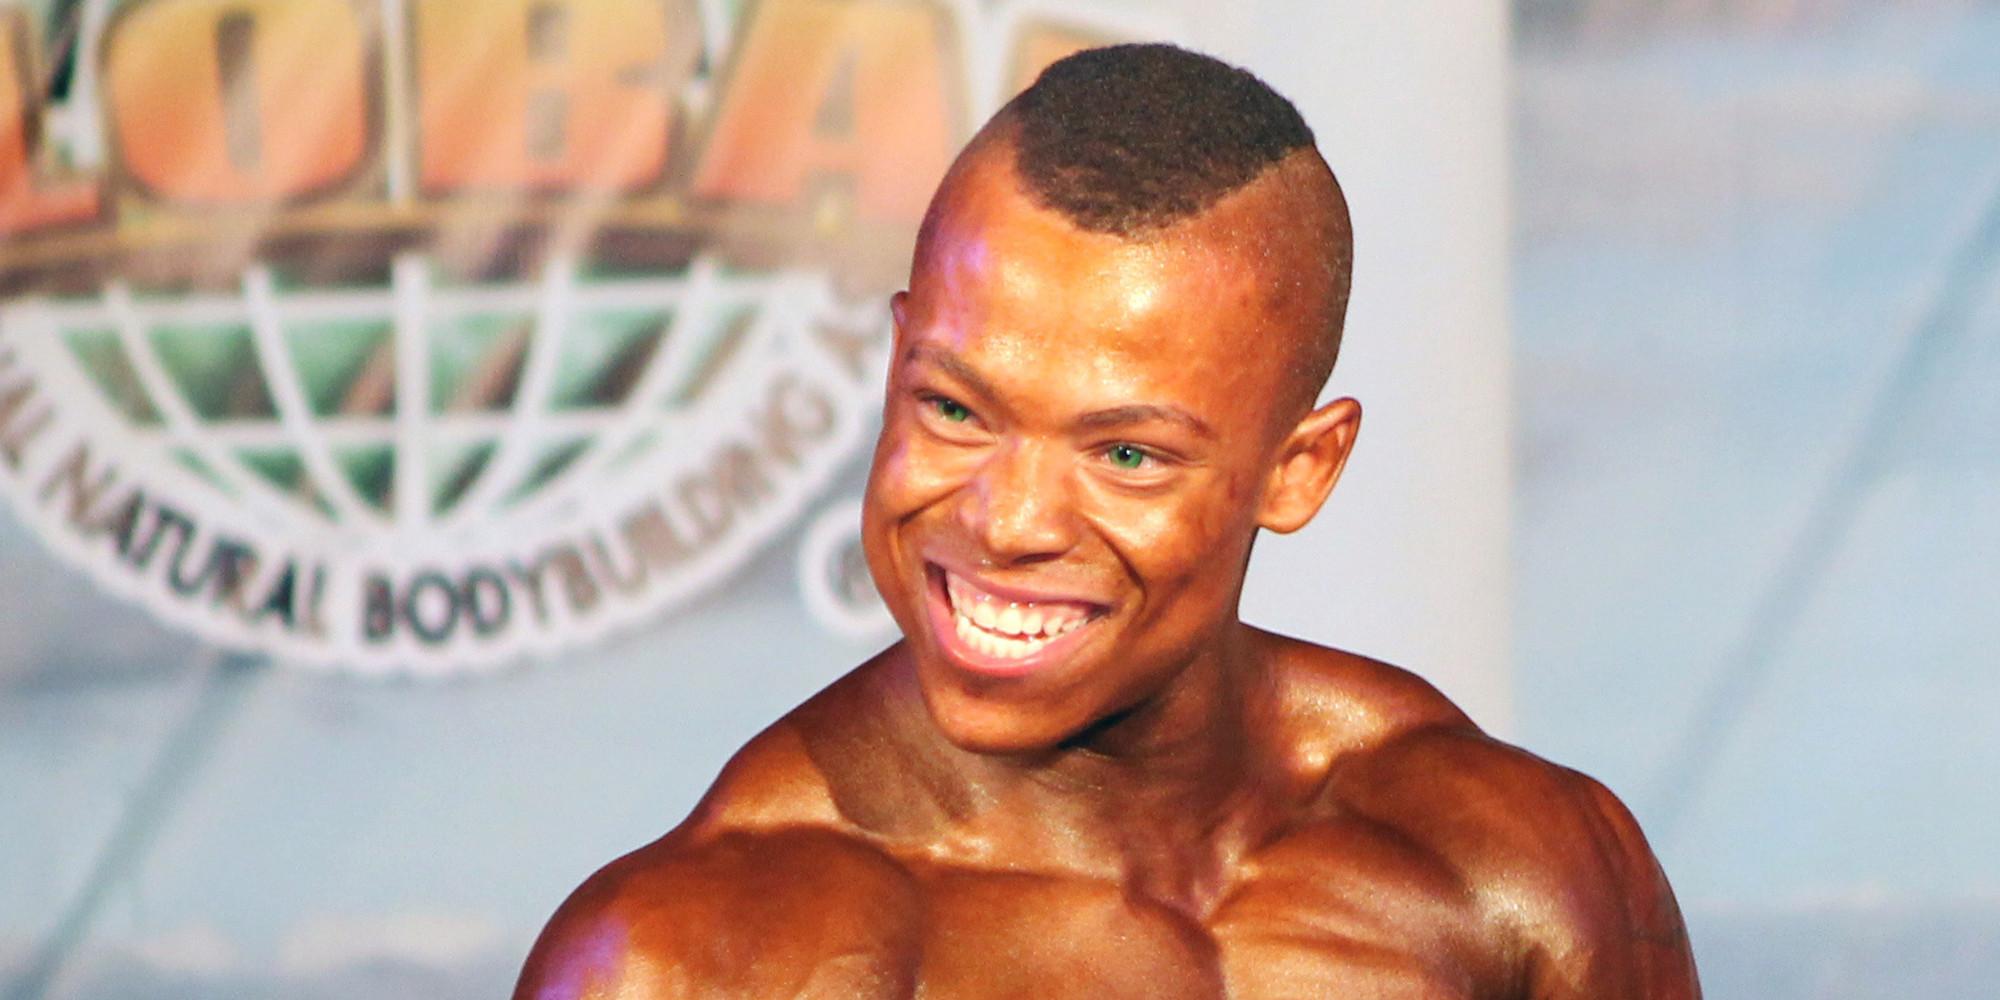 Youngest Bodybuilder In The World O-bodybuilder-facebook.jpg